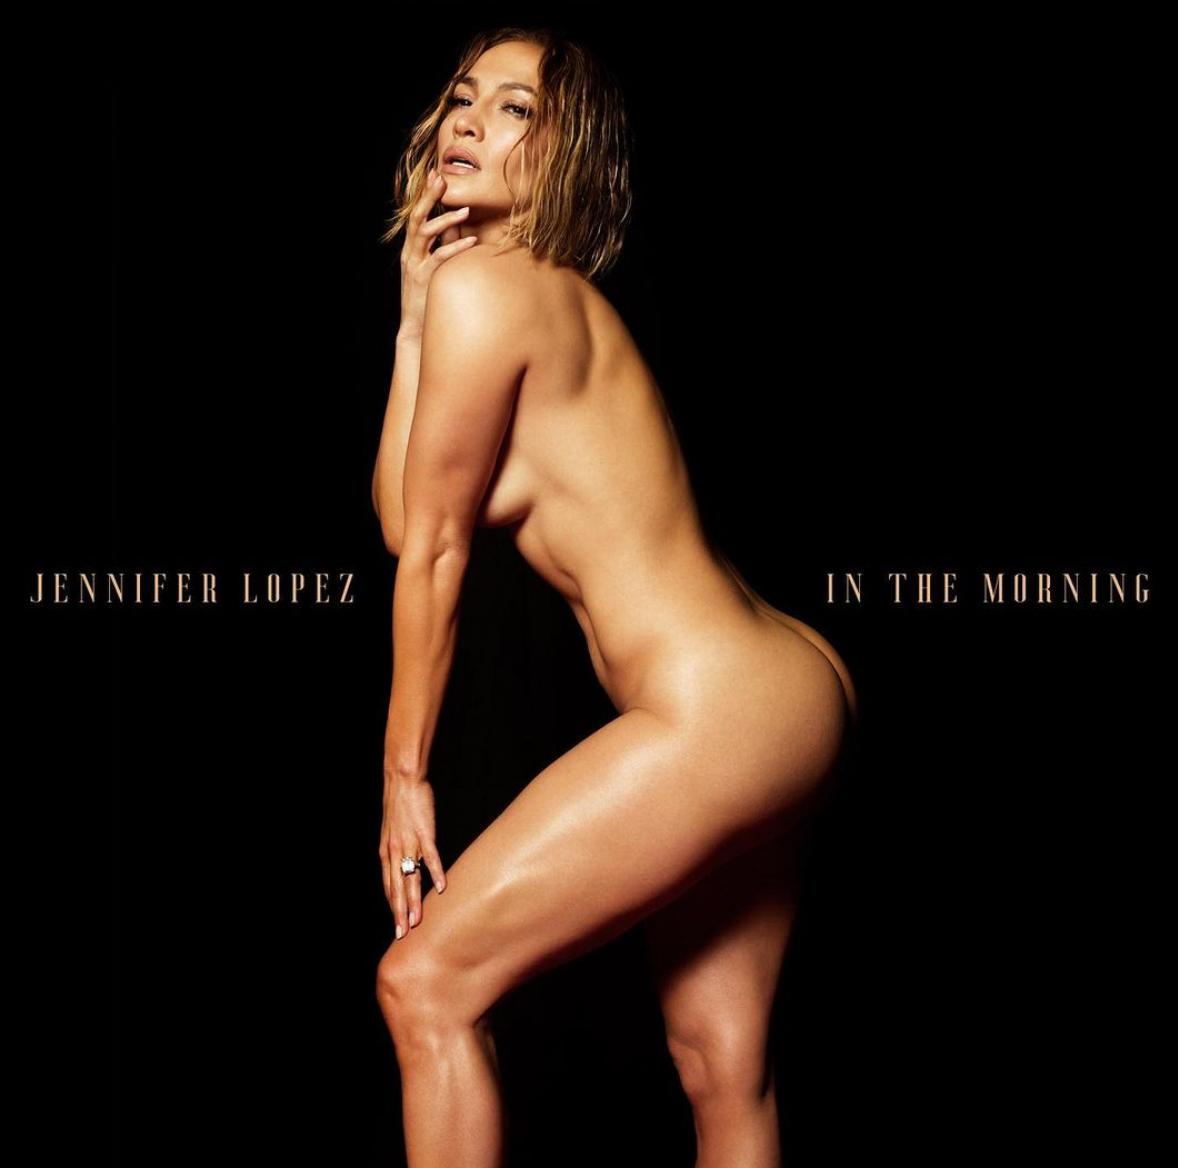 Jlo, Jennifer Lopez desnuda, nuevo sencillo, in the morning